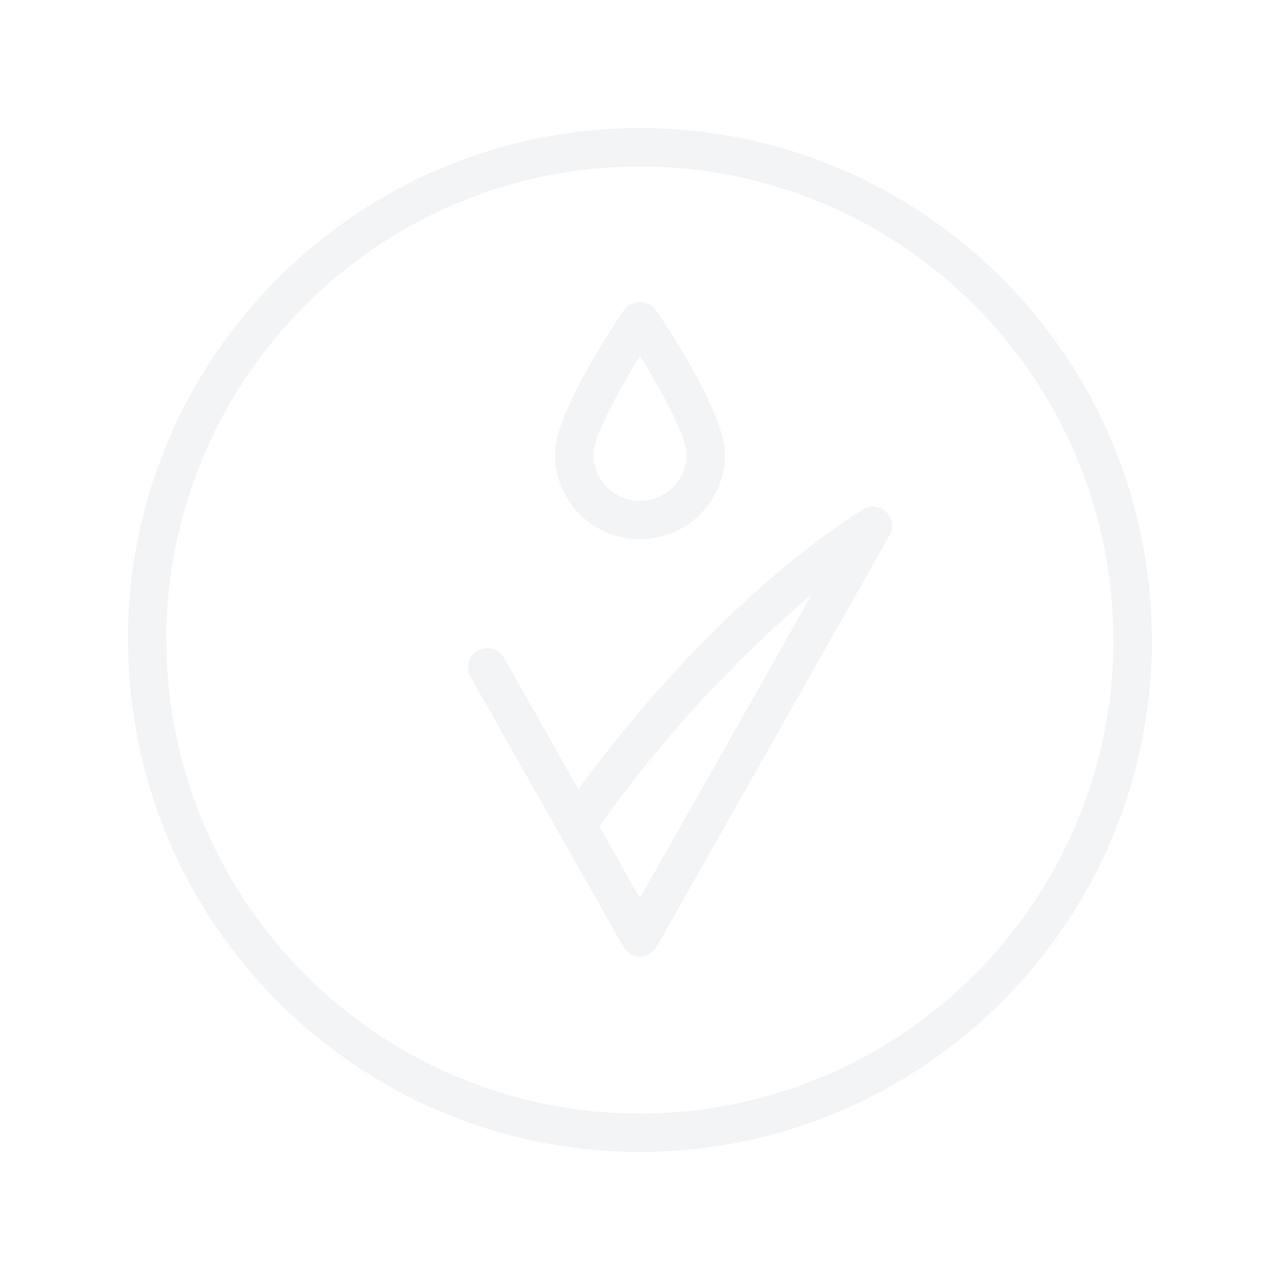 ANTONIO BANDERAS Diavolo For Men Deodorant Spray 150ml